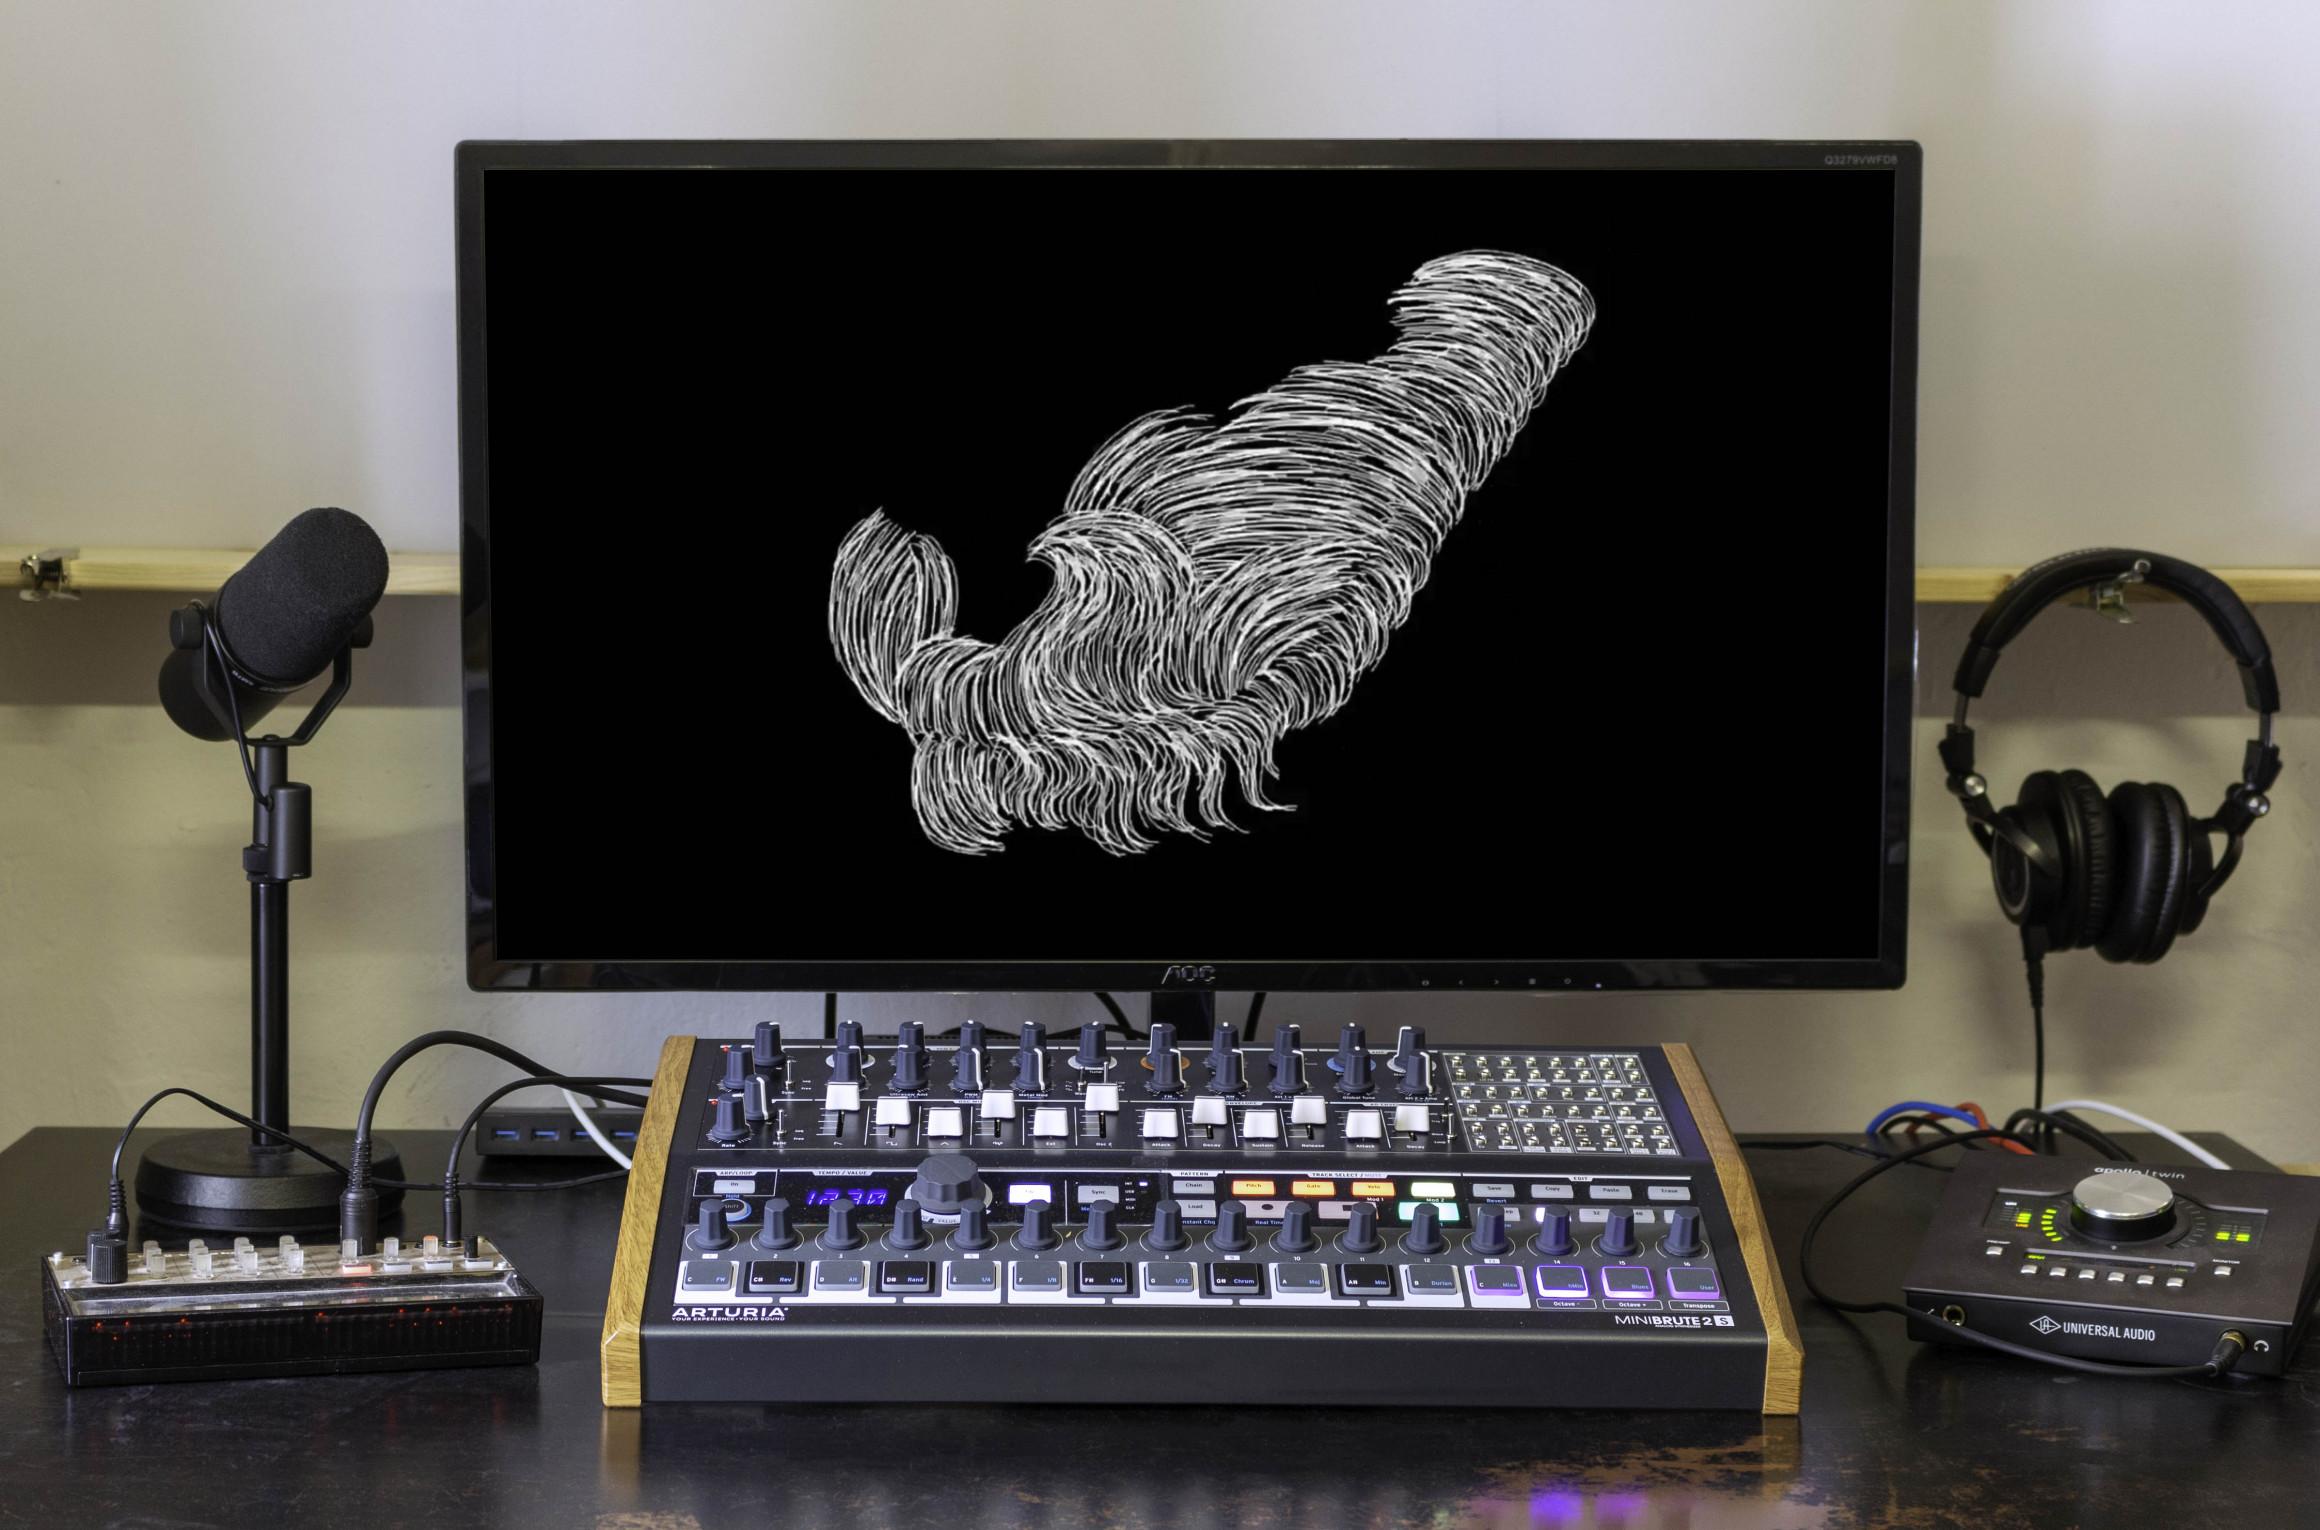 Schreibtisch mit Bildschirm, Kopfhörern, Mikrofon und Mischpult. Auf dem Bildschirm ist ein Standbild des Musikvideos zu sehen: eine abstrakte weiße Form auf schwarzem Hintergrund.